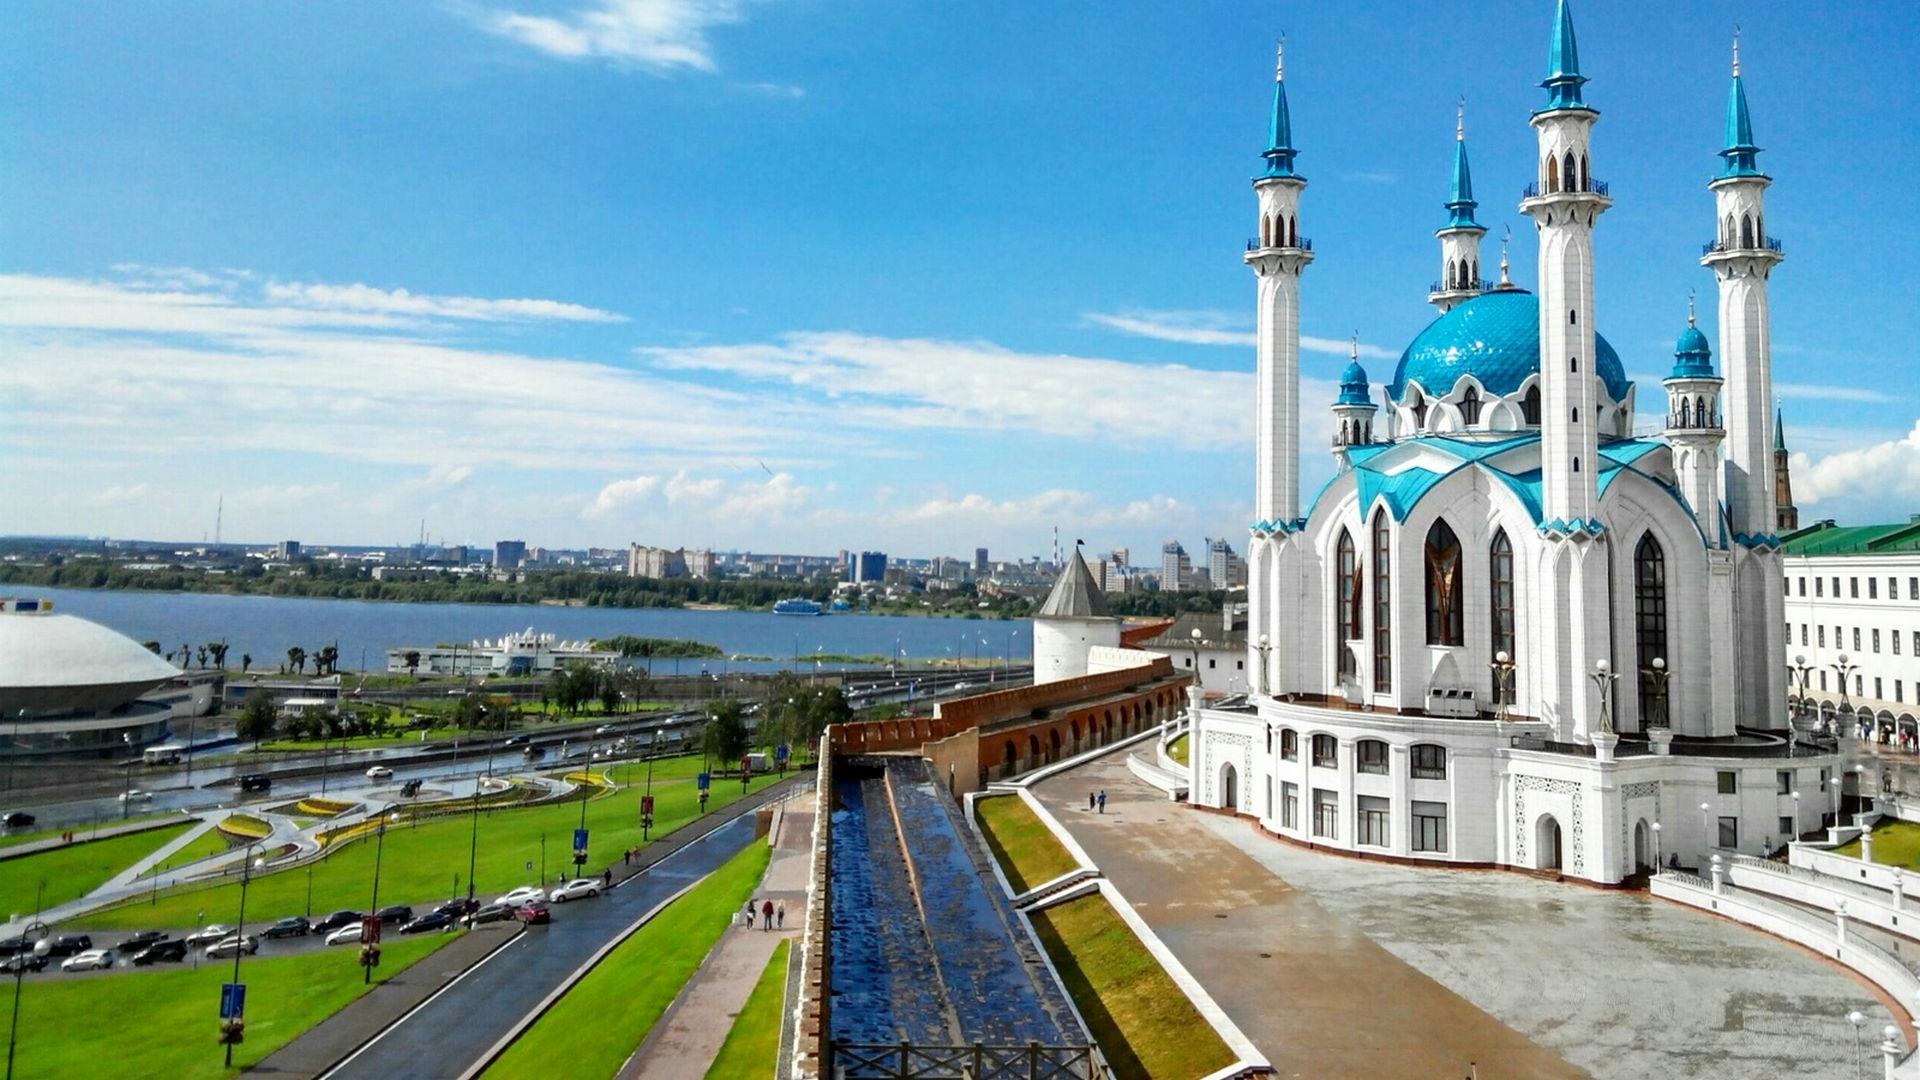 10 1 - Republica do tartaristão Rússia